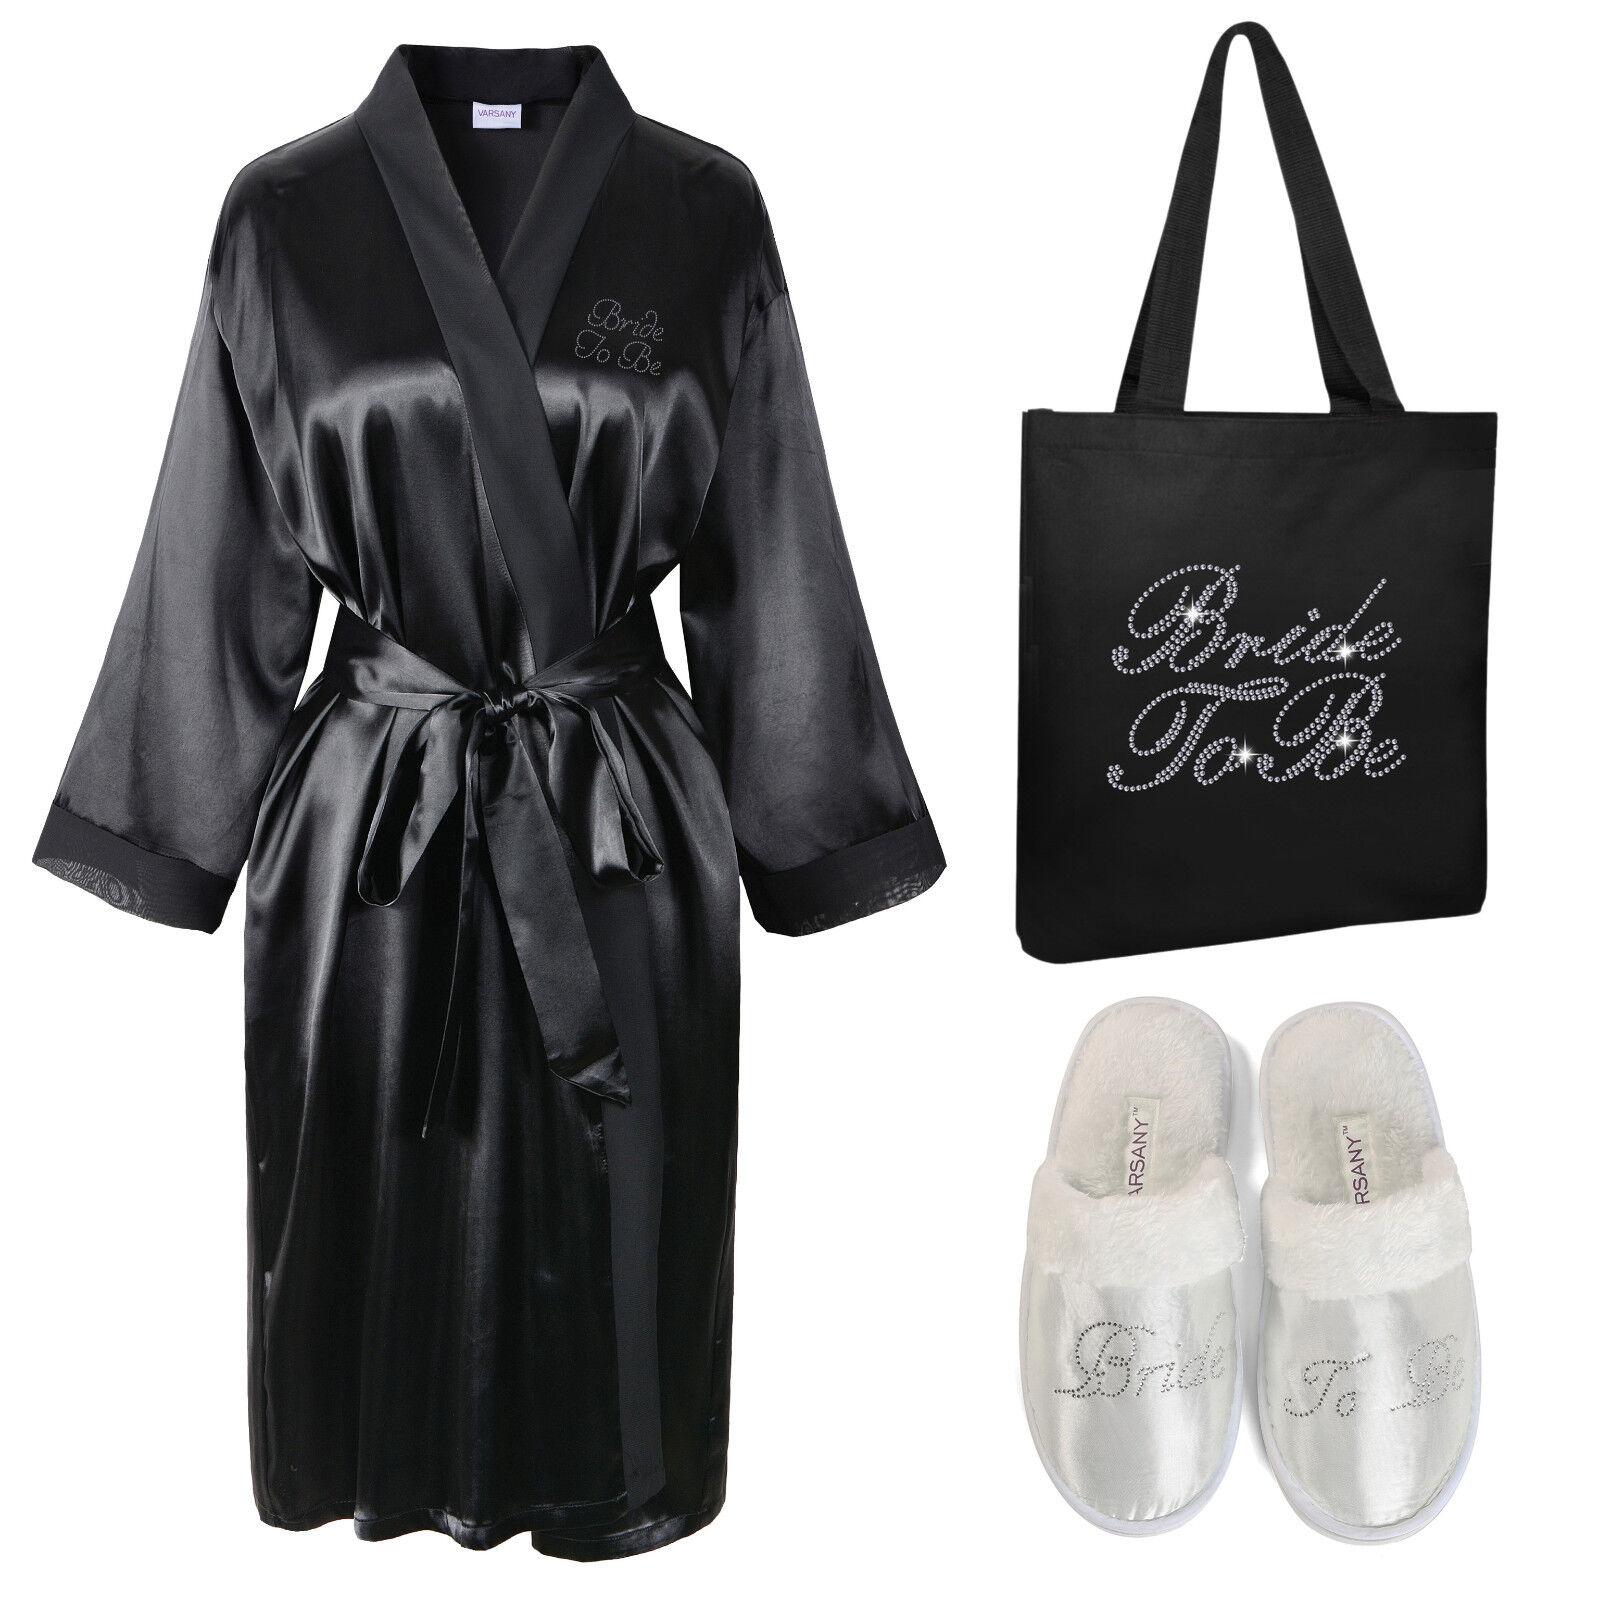 Crystal Bride To Be Satin Bathrobe+Tote Bag+Spa Slipper set Kimono Dressing gown